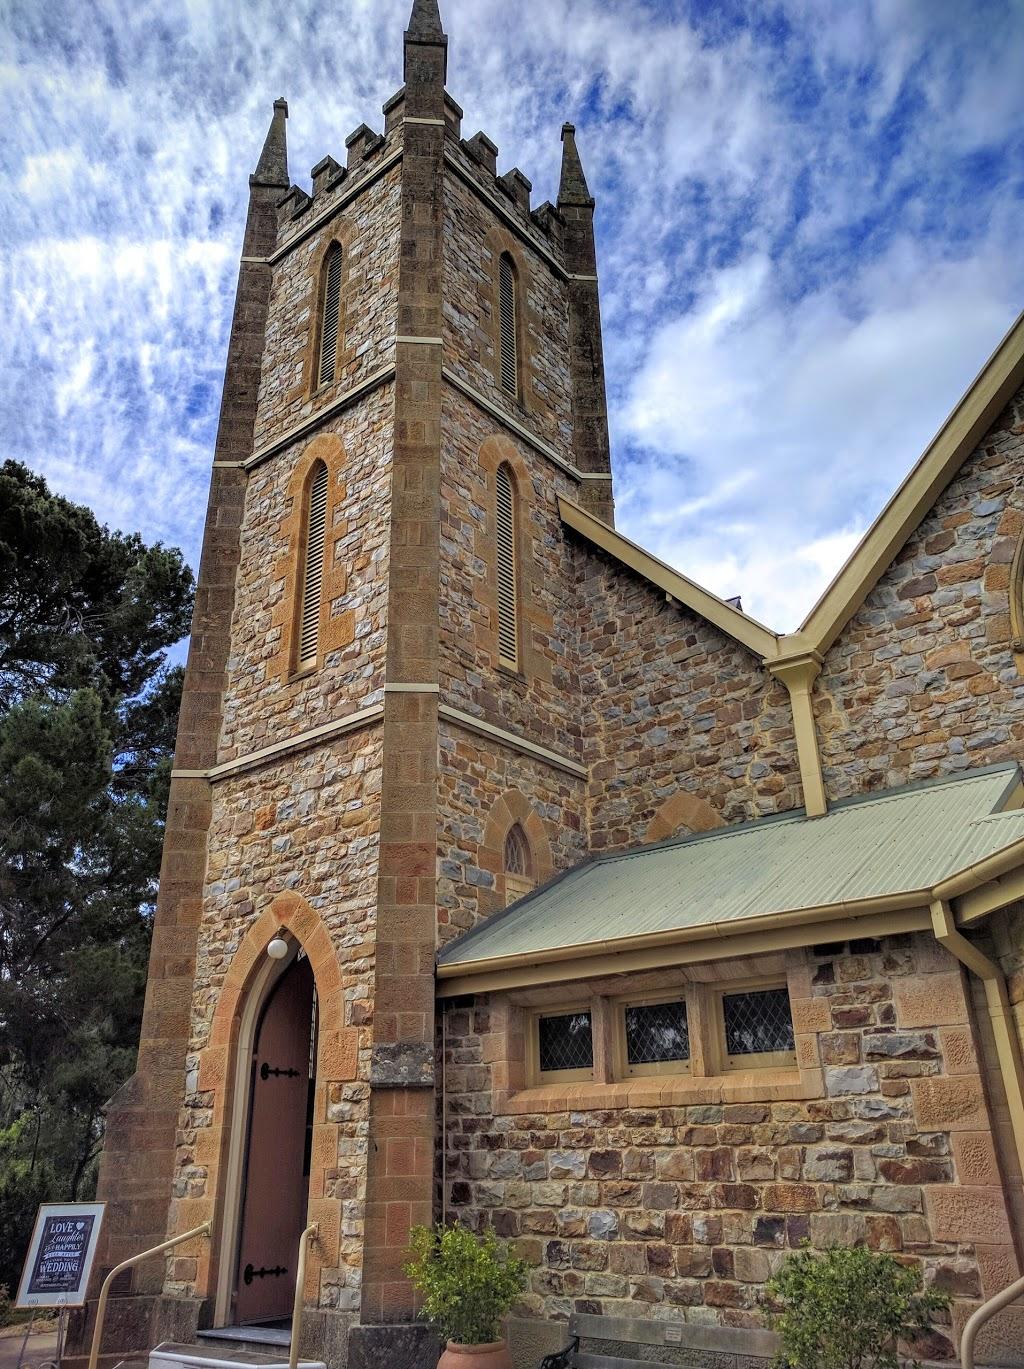 St Michaels Anglican Church | church | 18 Church Rd, Mitcham SA 5062, Australia | 0401806280 OR +61 401 806 280